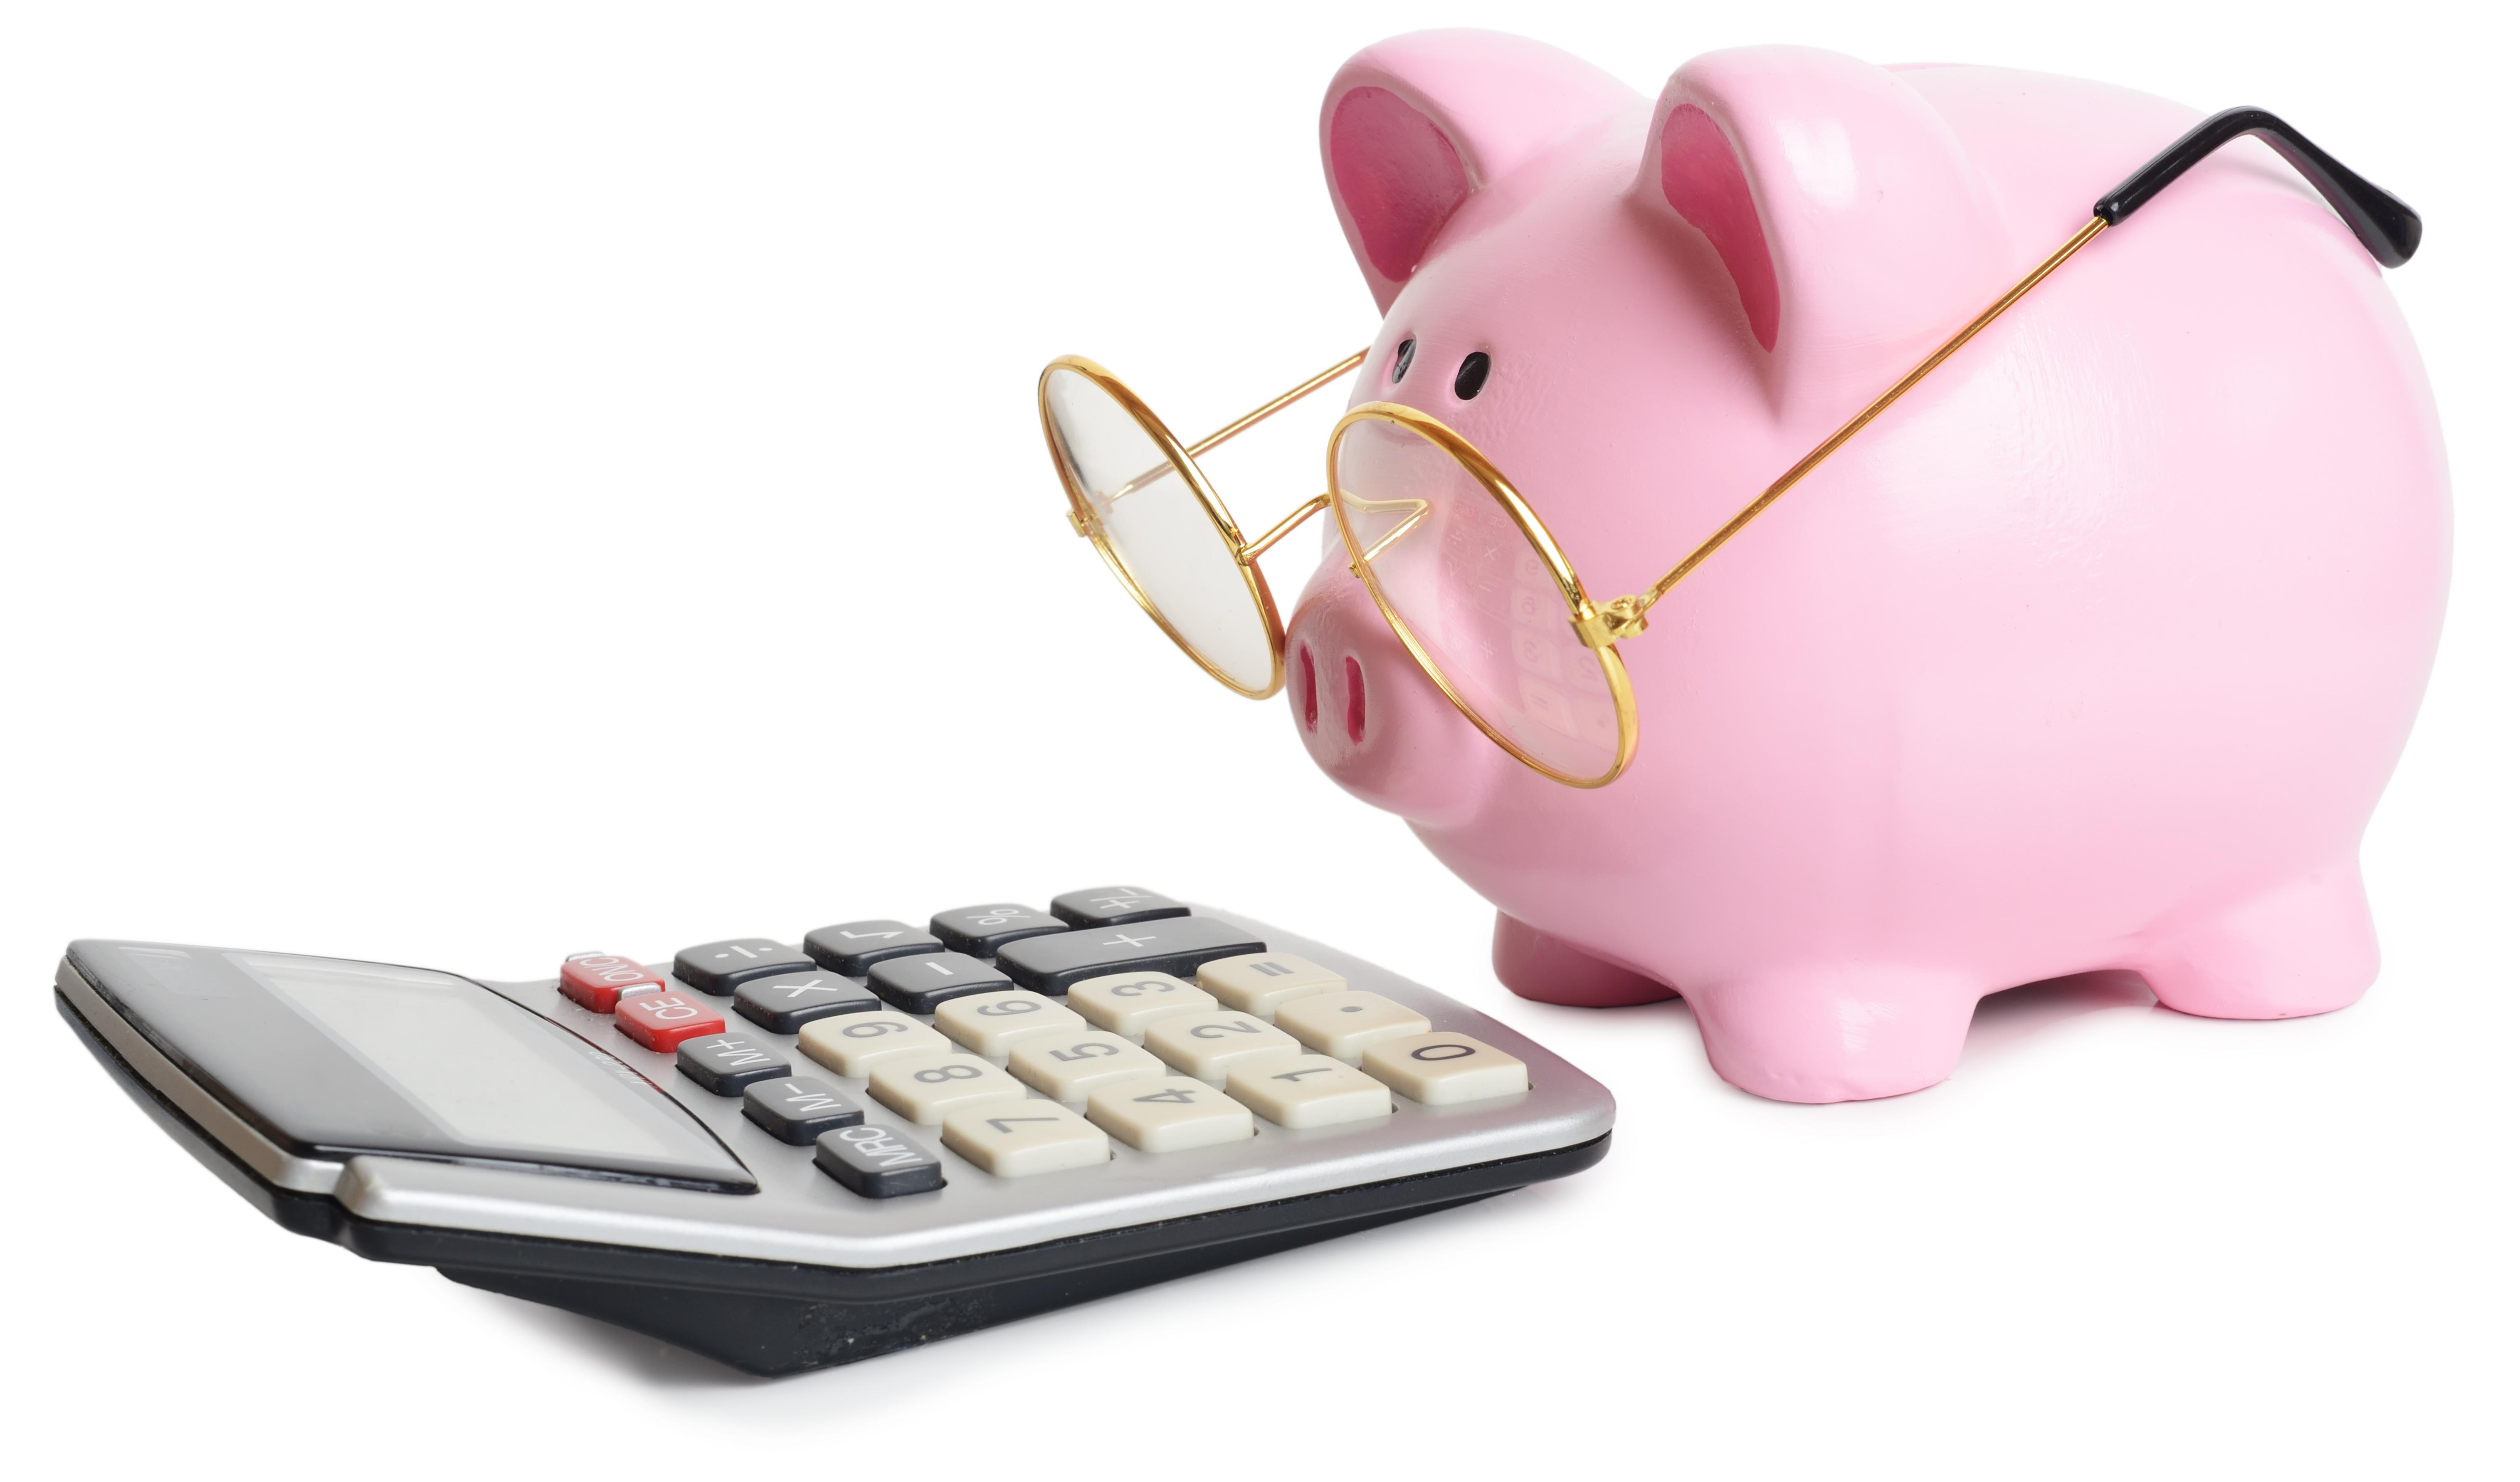 Finanse i osczędności